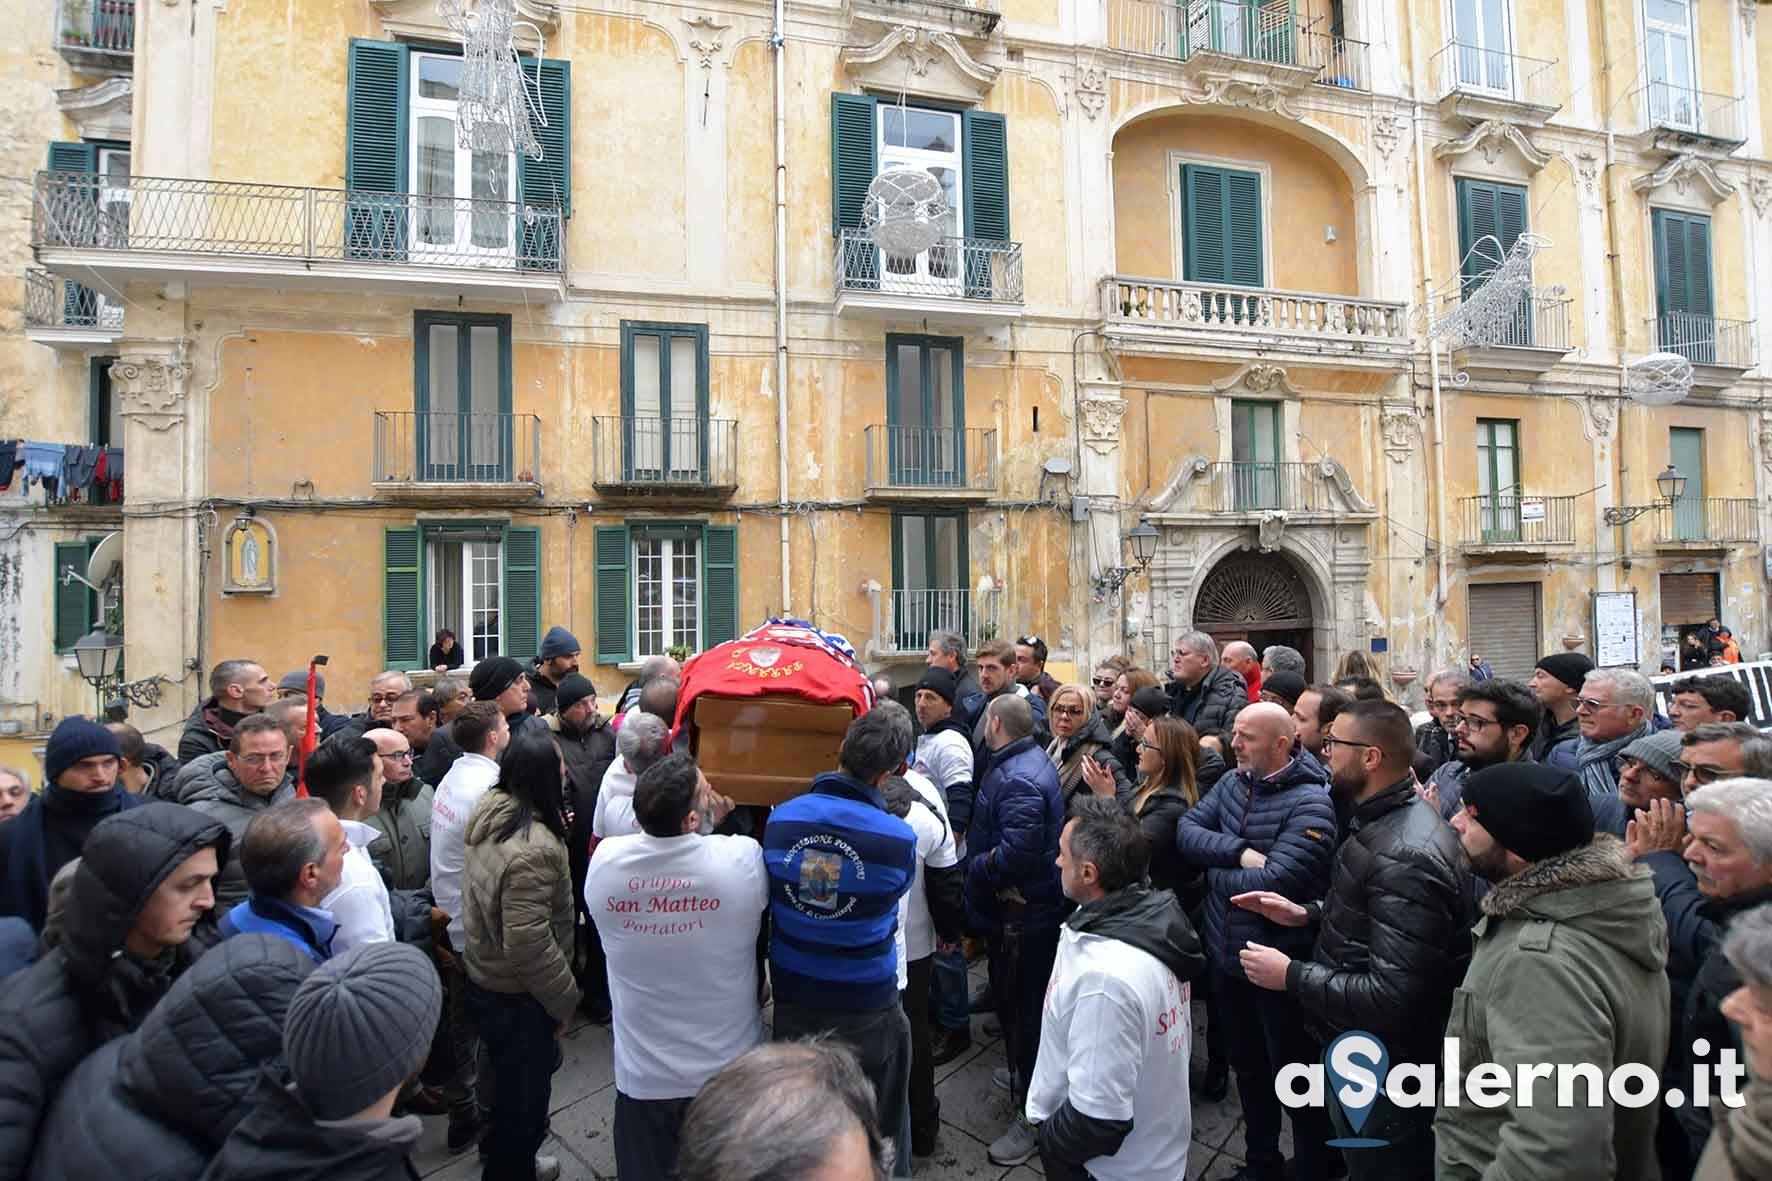 FuneraliDeAngelis10